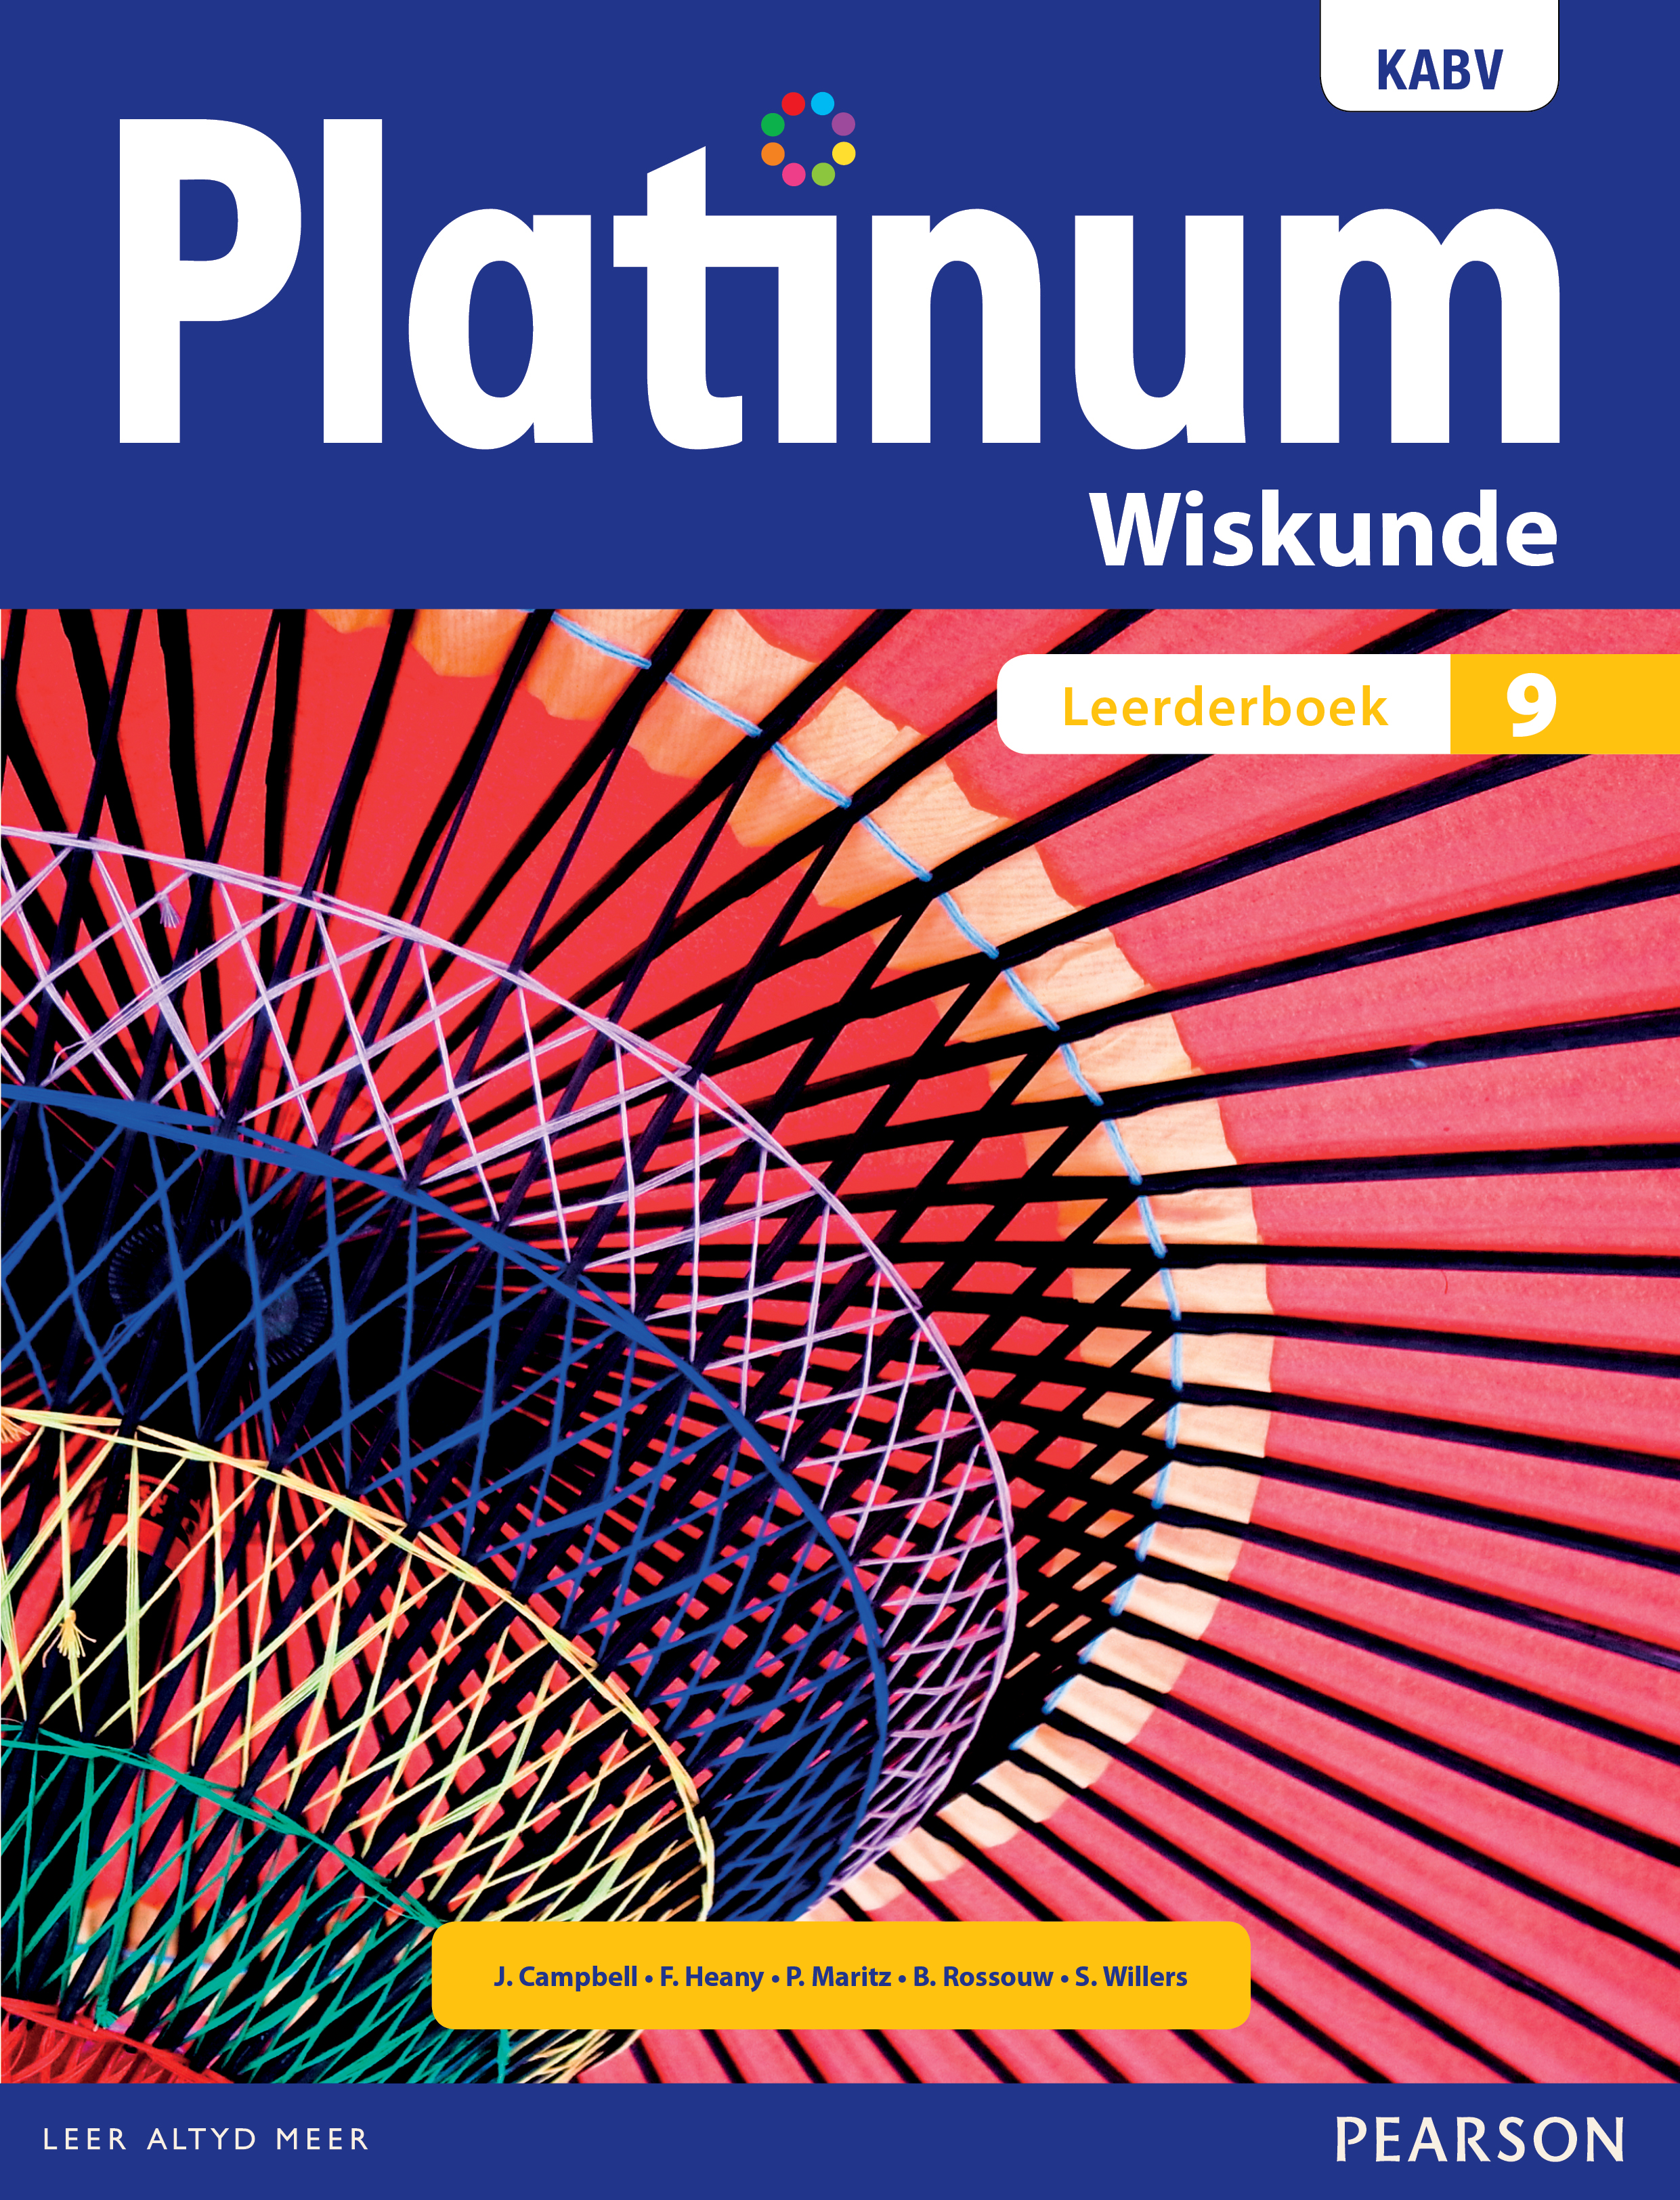 Platinum Wiskunde KABV: Platinum wiskunde: Graad 9: Leerderboek Gr 9: Leerdersboek